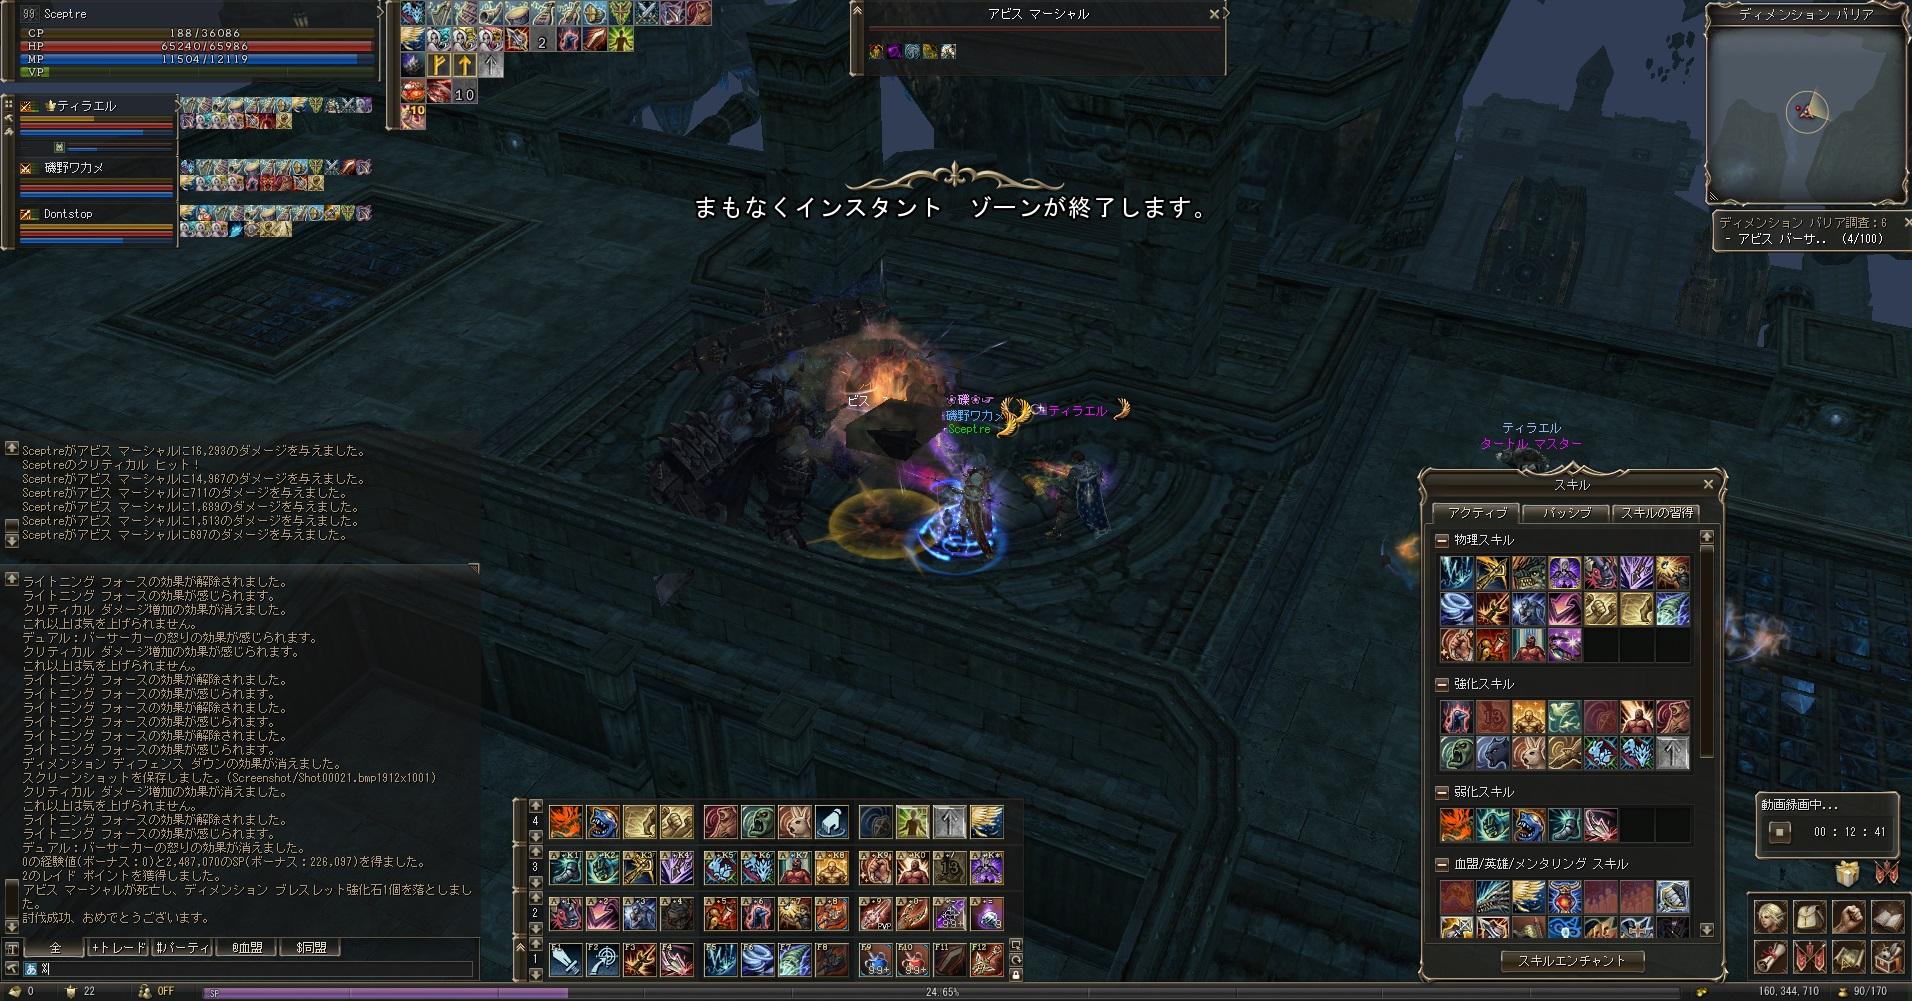 Shot00025j.jpg